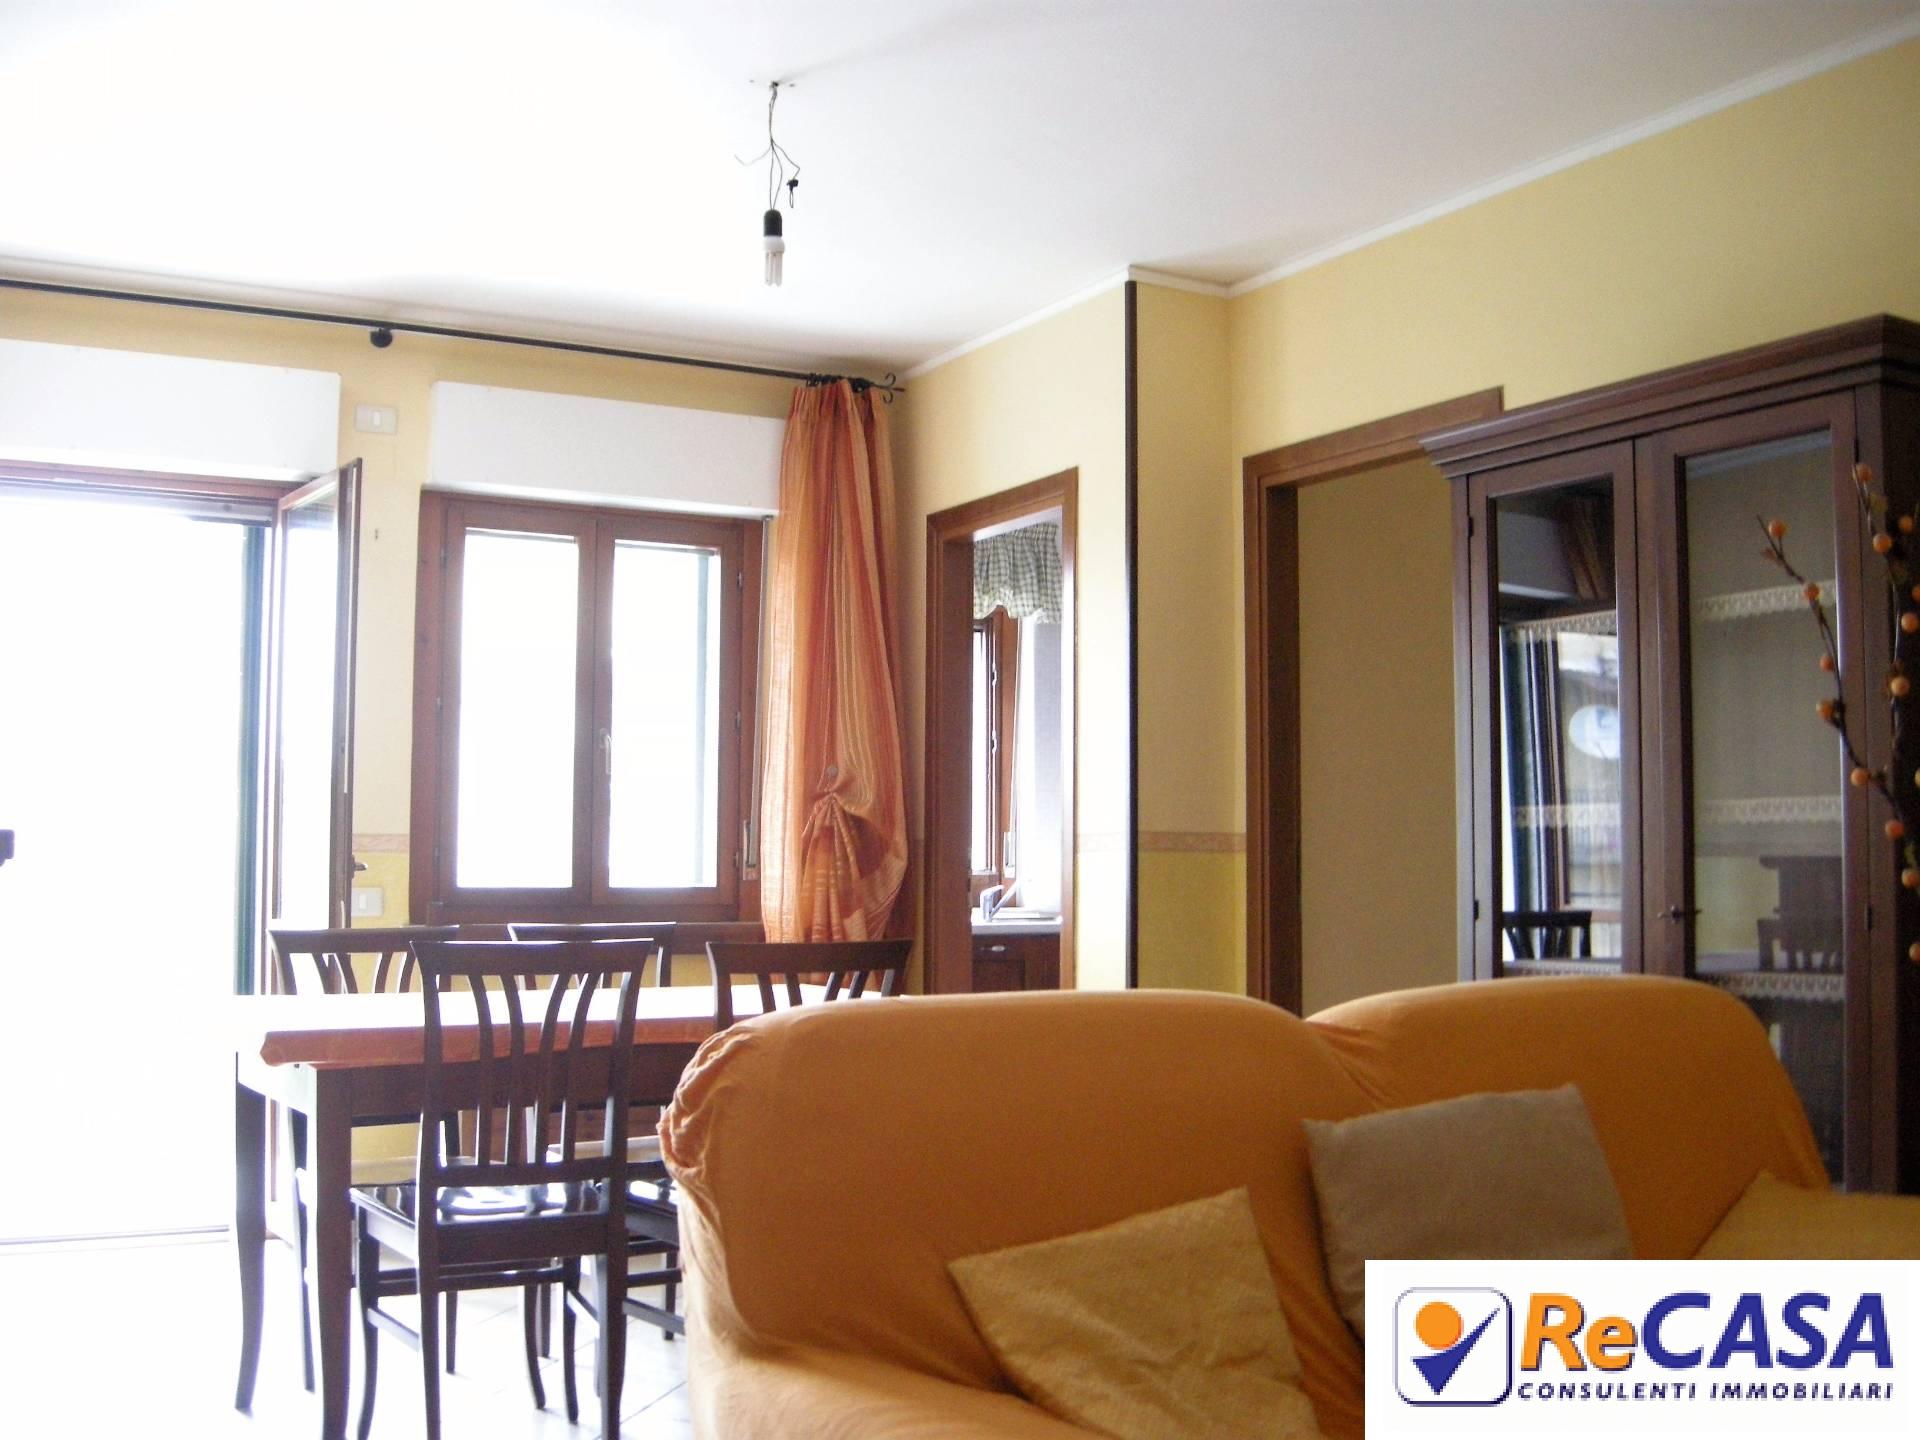 Appartamento in vendita a Montecorvino Pugliano, 3 locali, zona Località: SanVito, prezzo € 105.000 | Cambio Casa.it